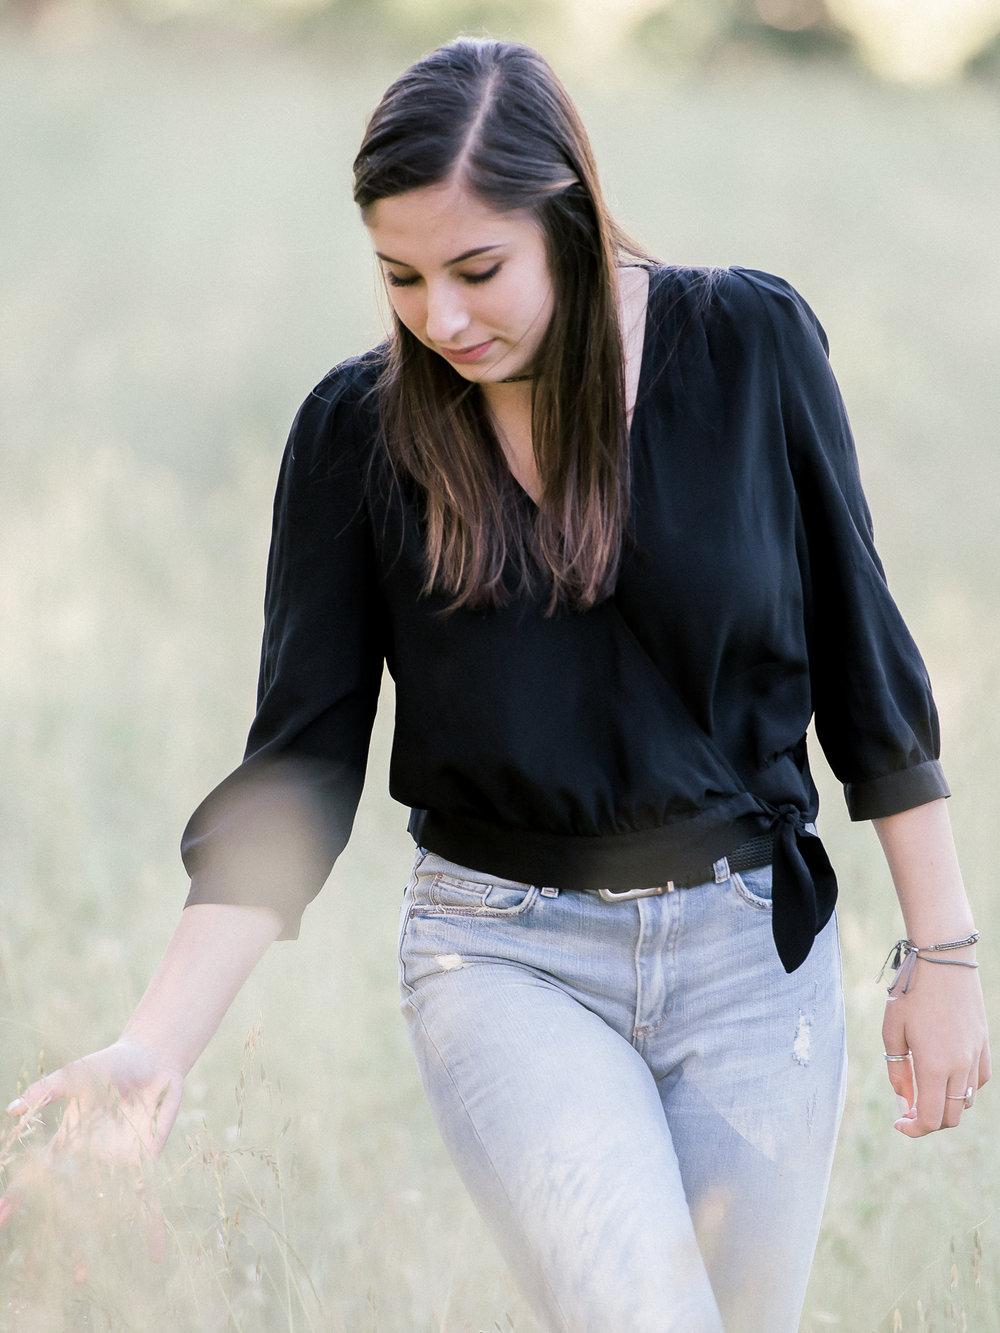 Gianna_HSseniot_spp-3.jpg